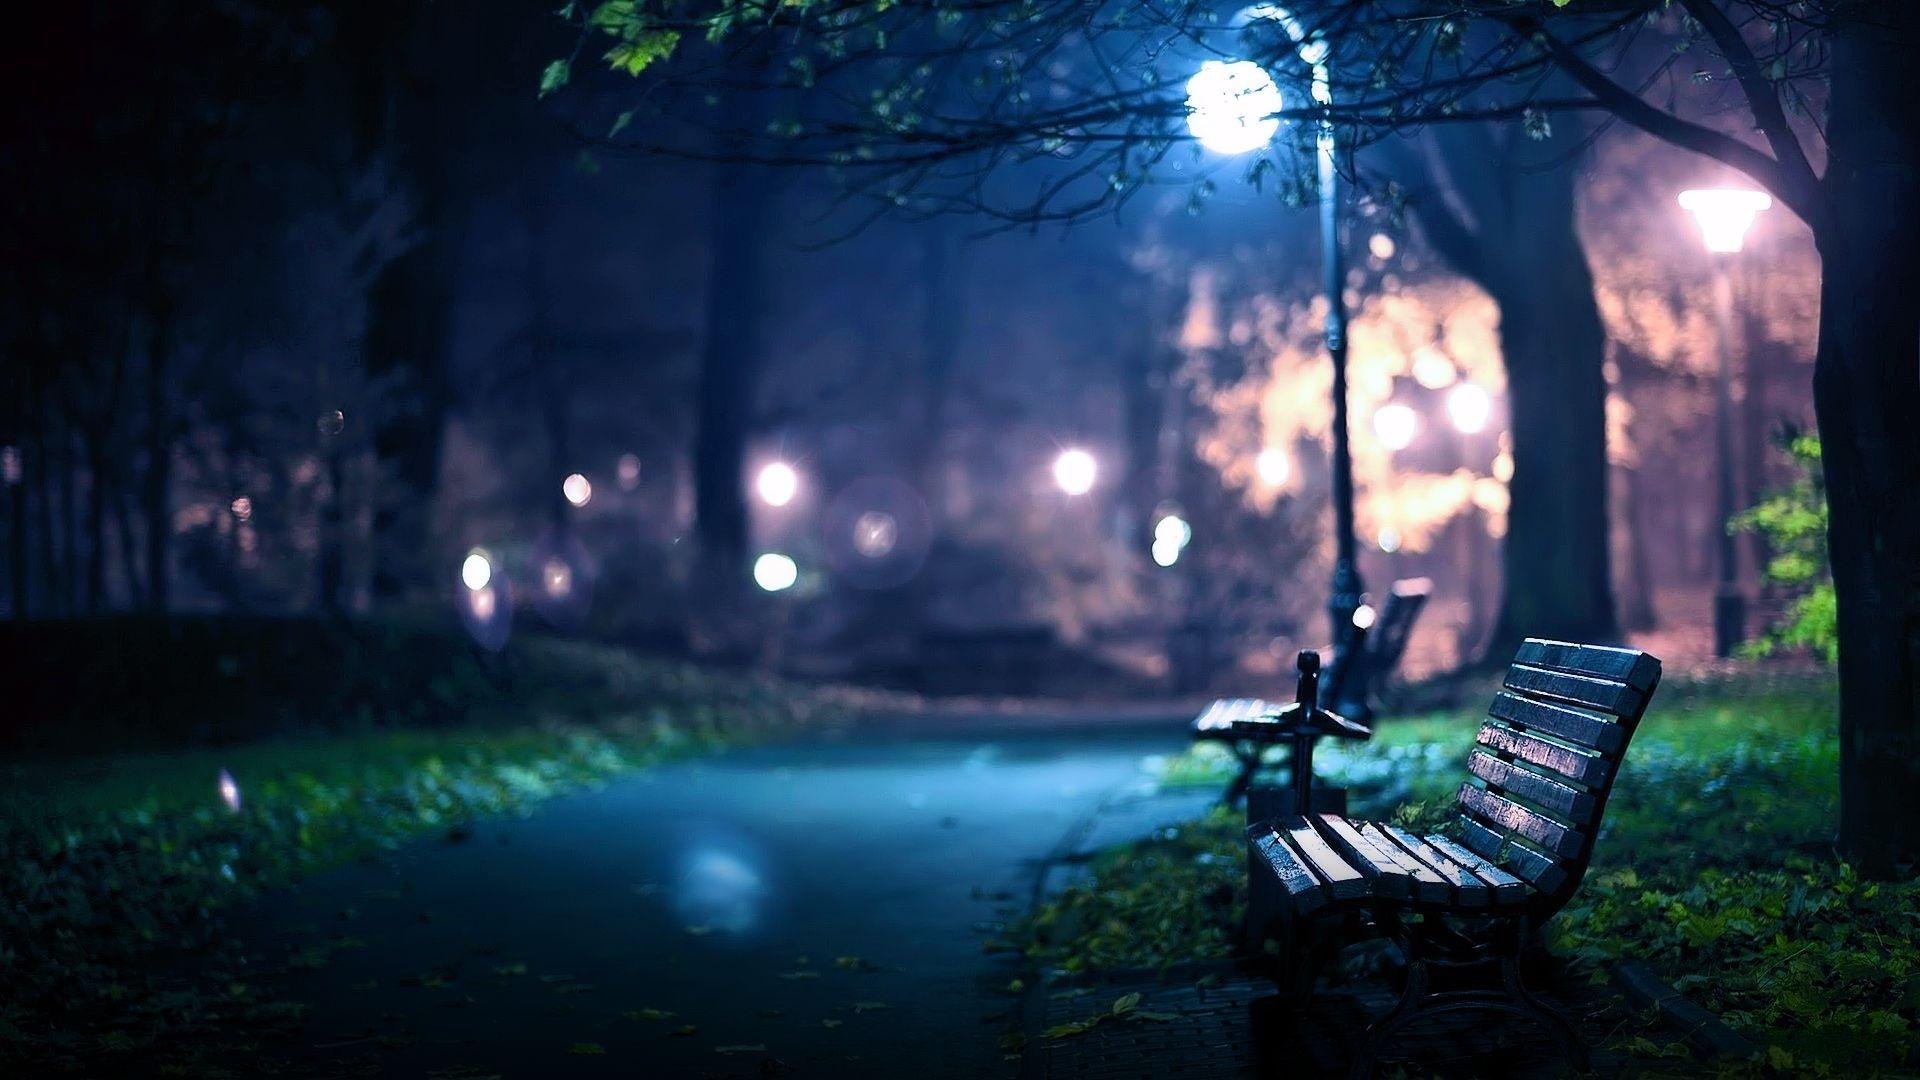 Транспортом, картинки красивая ночь в парке